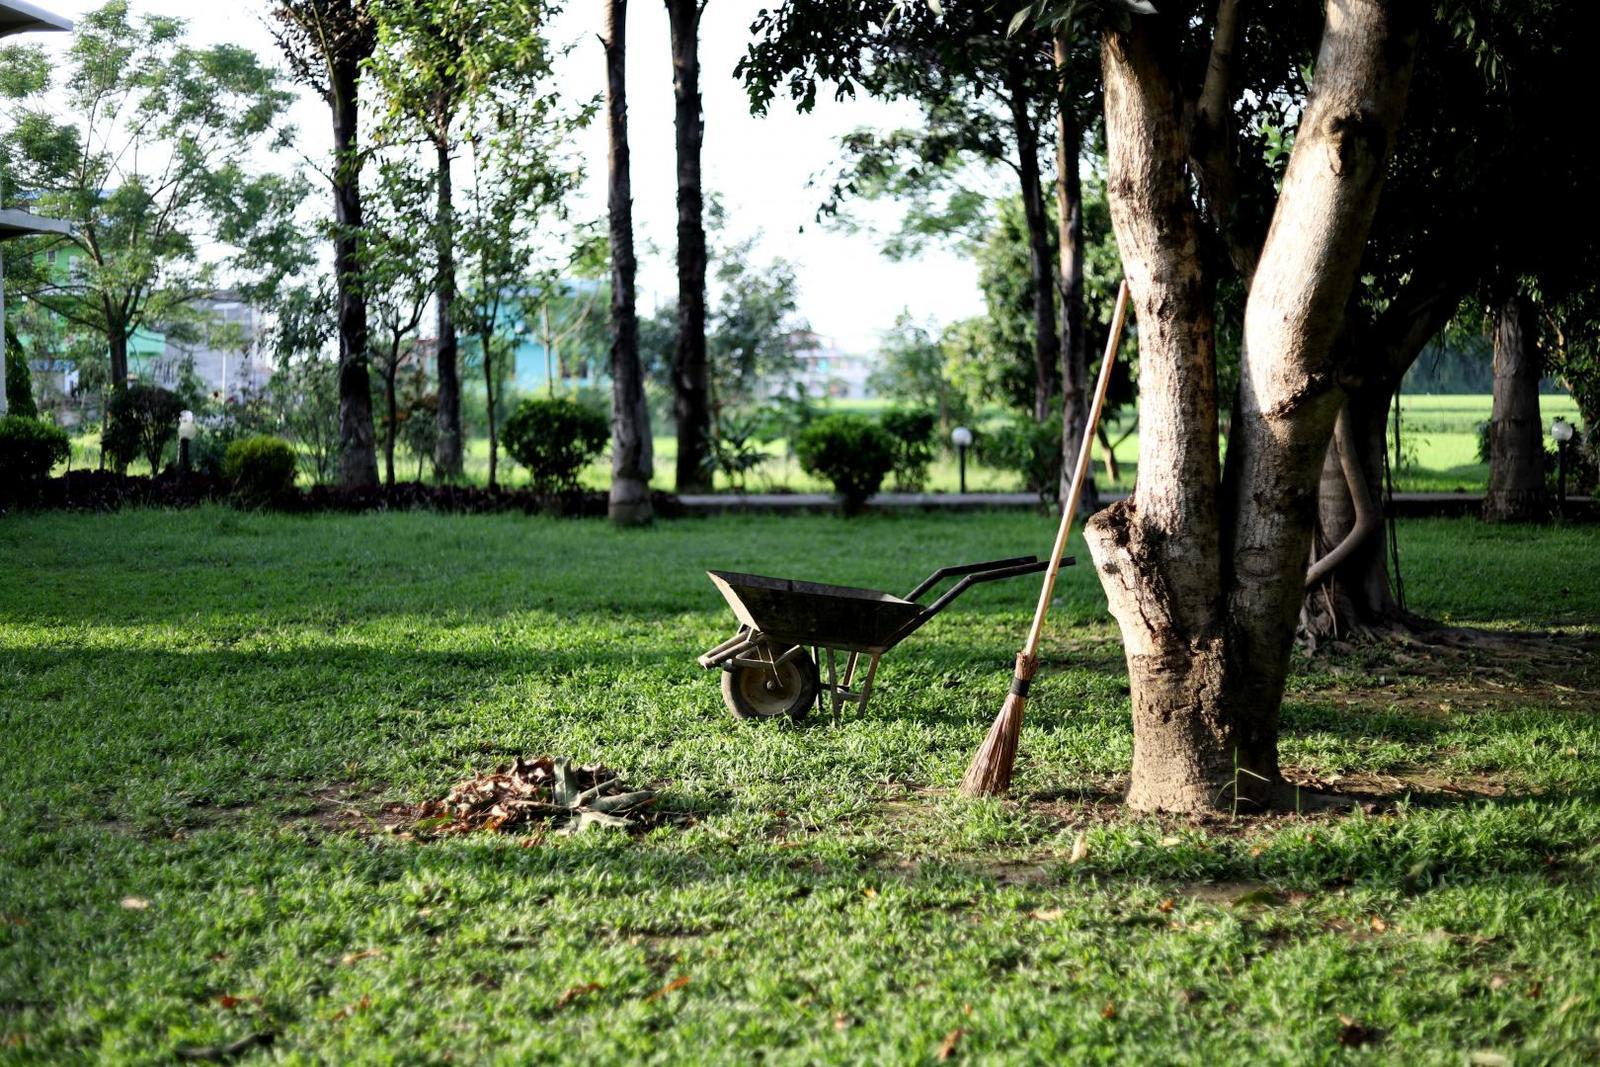 Naturnahe Gartengestaltung Was Gilt Es Zu Beachten Plantura